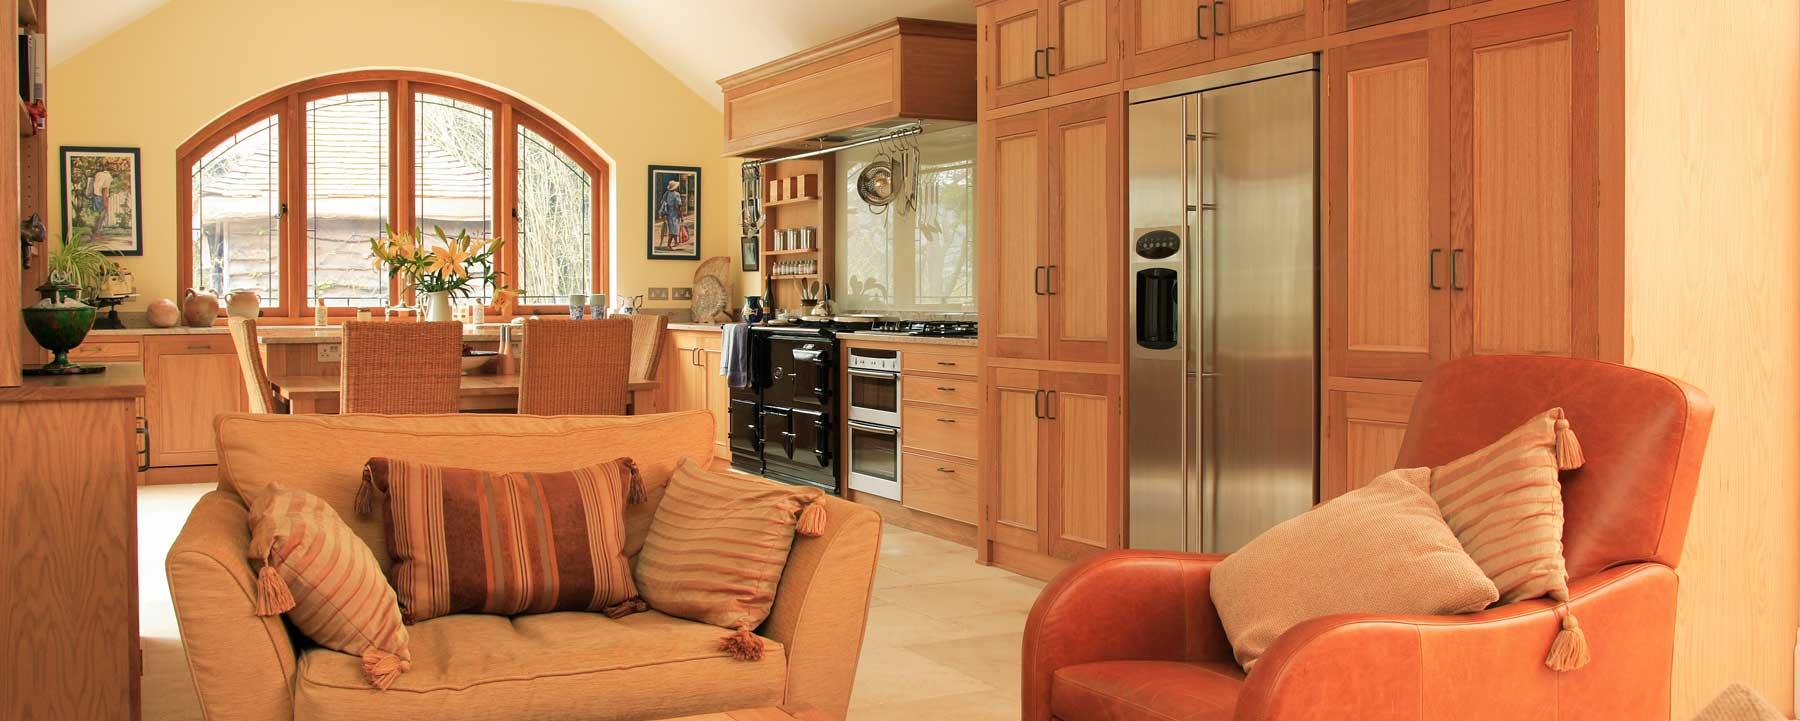 Bespoke Interior Design Tim Jaspar Sussex Surrey Londontim Jasper Bespoke Kitchen